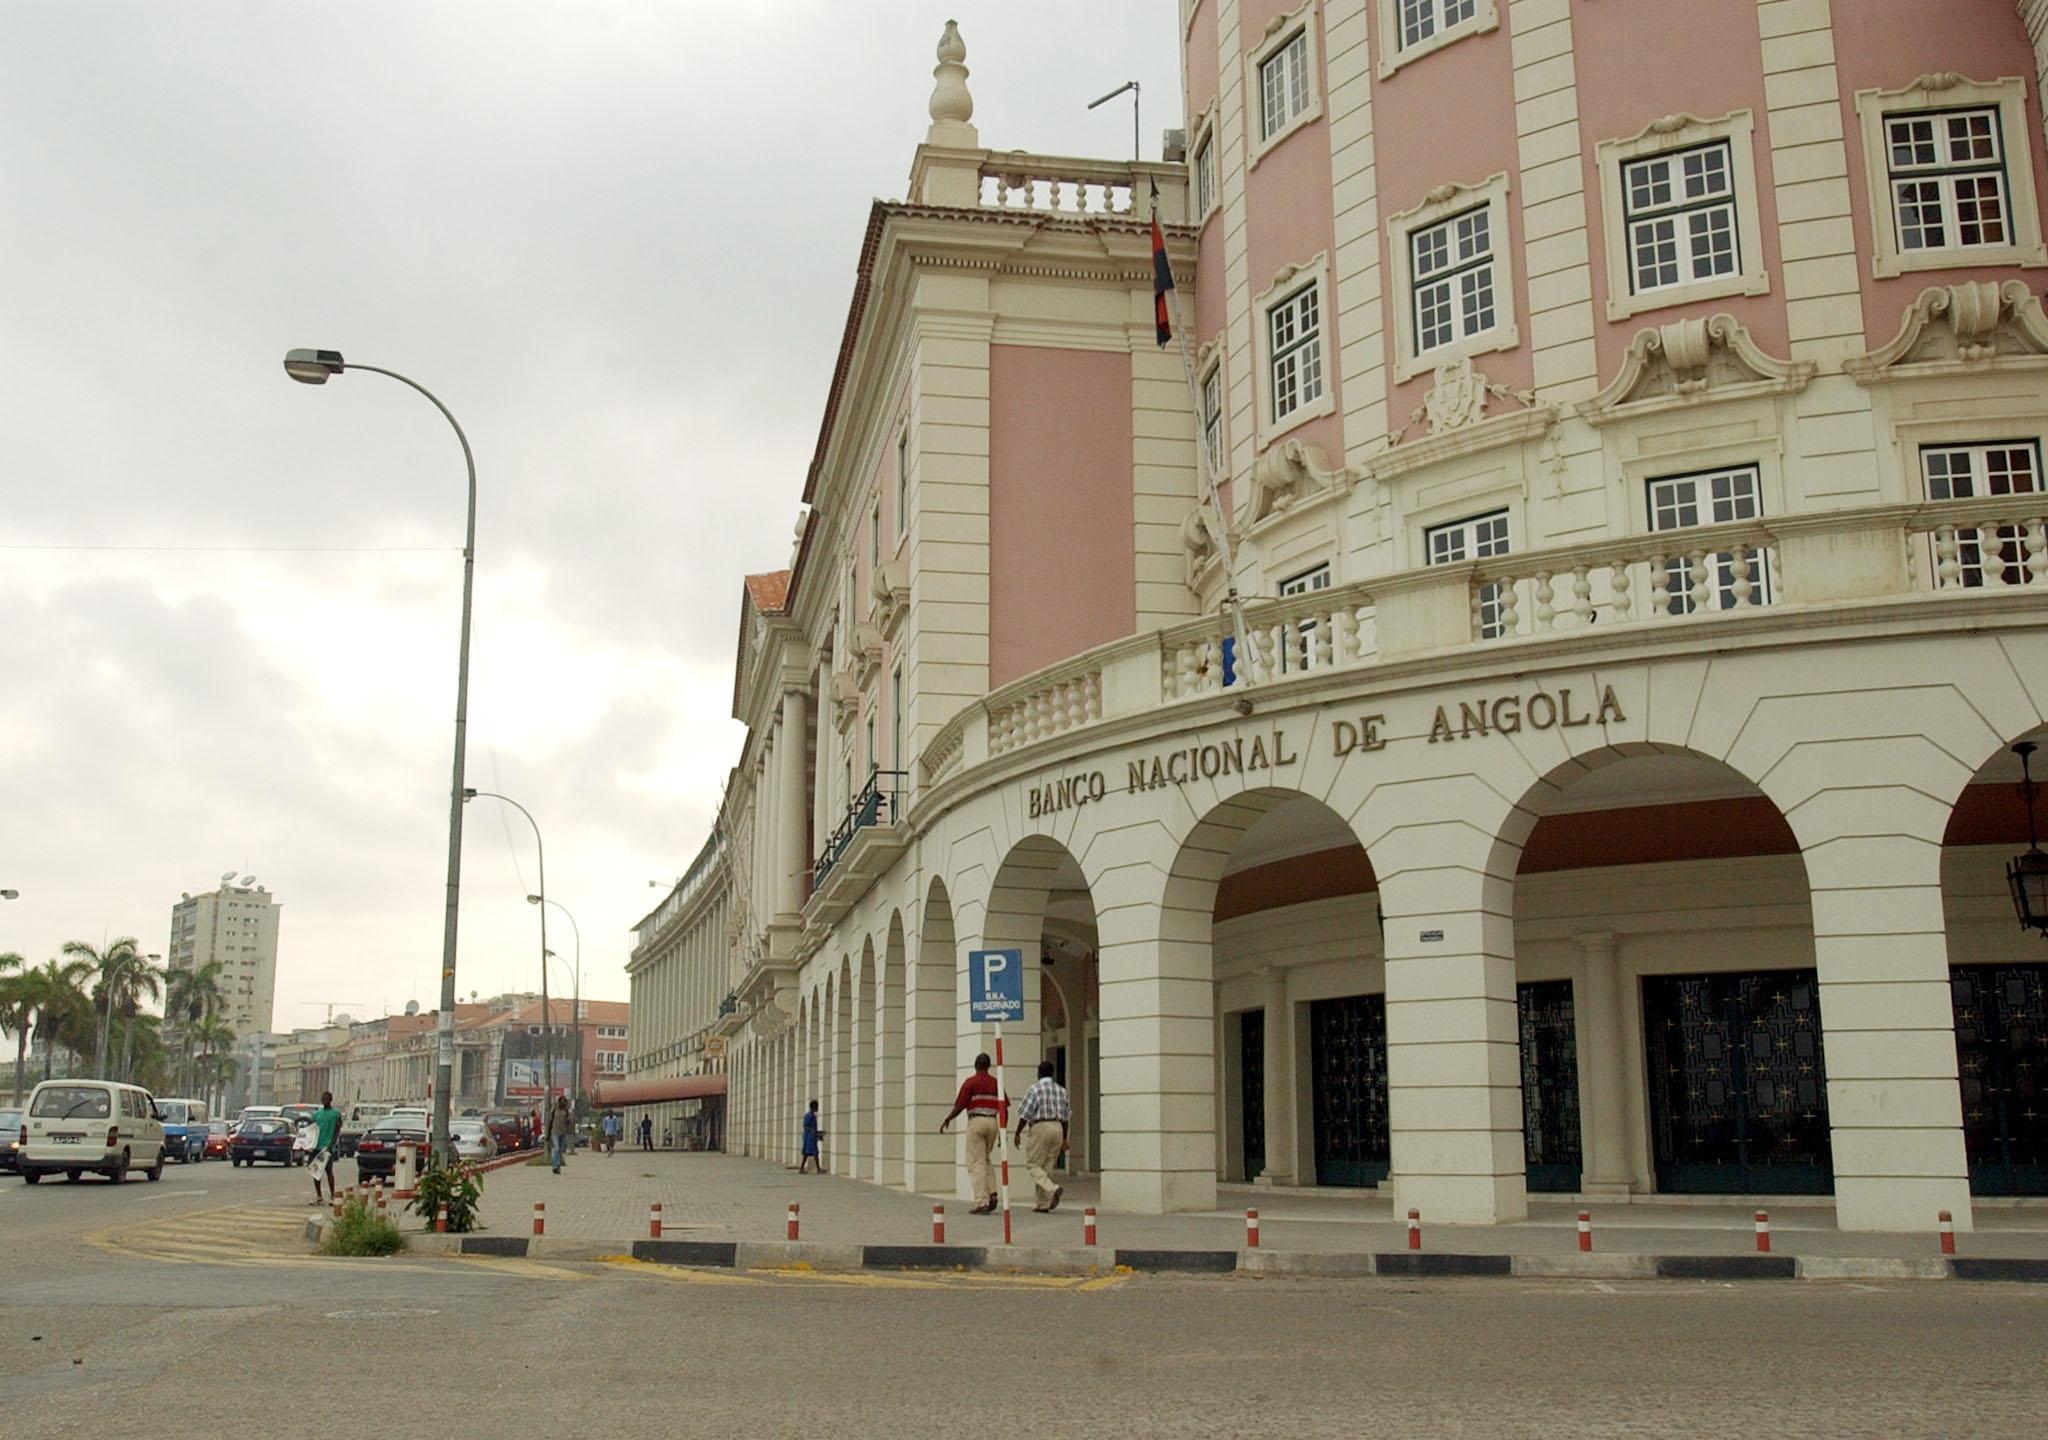 Angola precisa de 19,6 mil MEuro dos bancos e fundos nacionais para financiar Orçamento de 2017